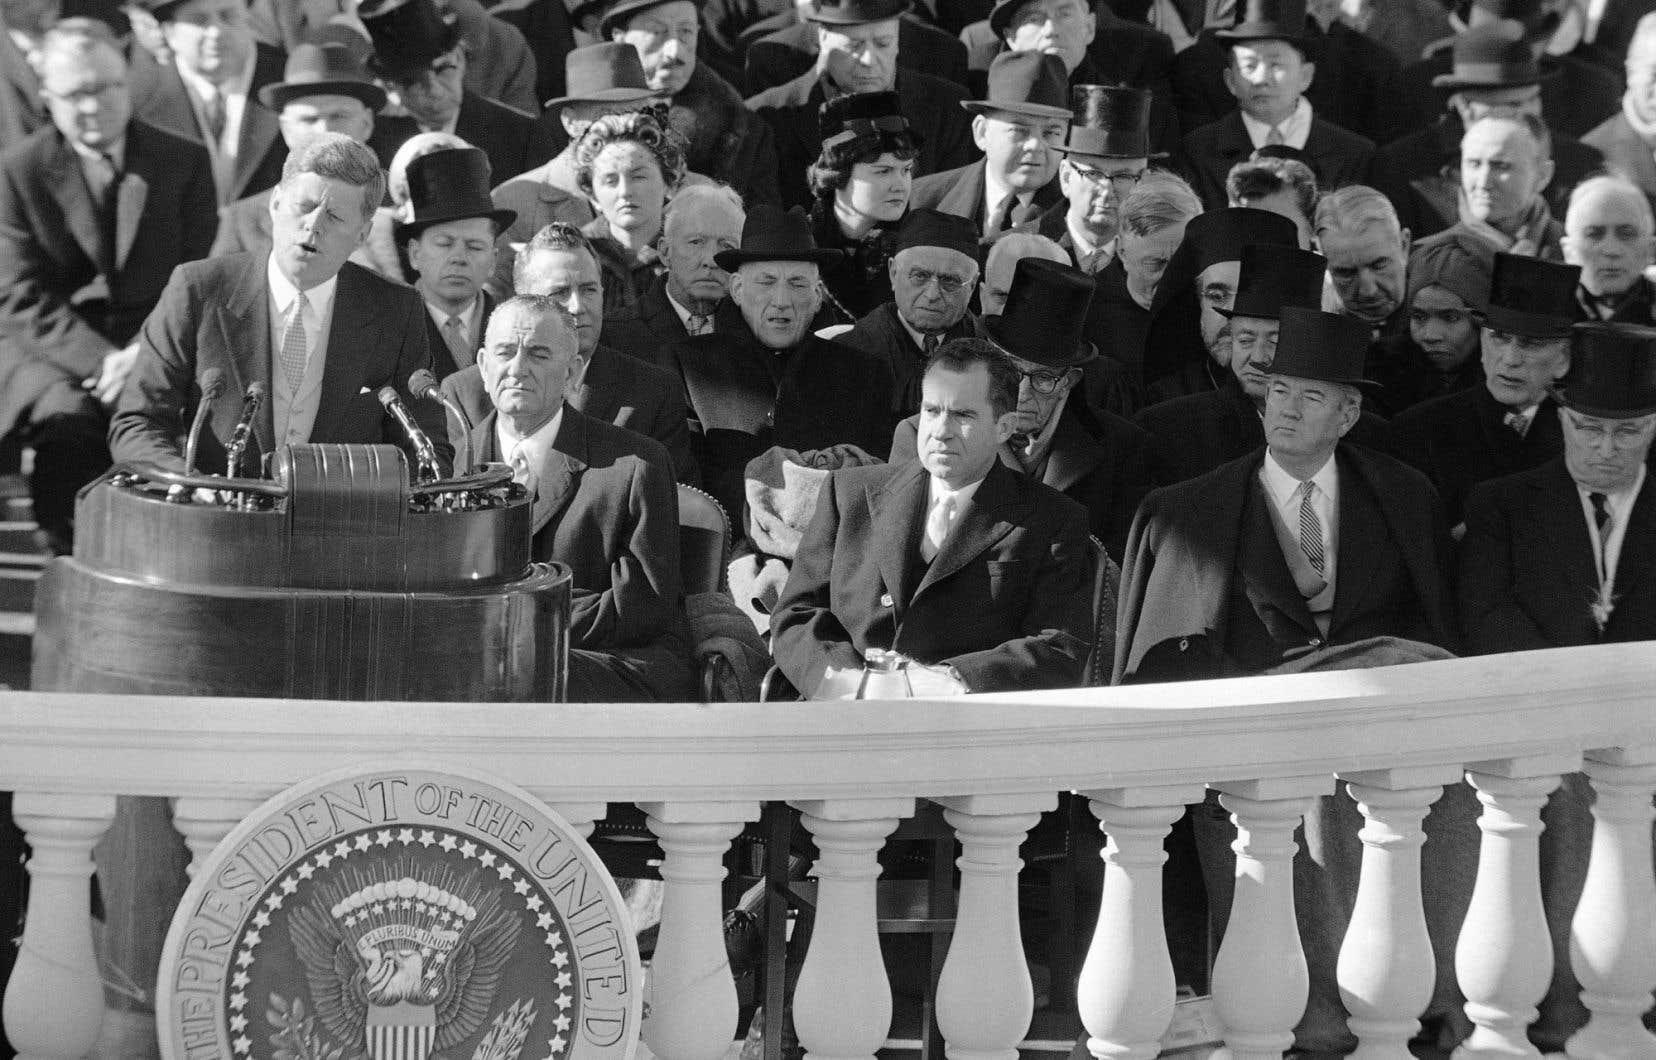 C'est lors de son discours d'intronisation en janvier1961 que John F. Kennedy a livré cette phrase devenue célèbre: «Ne demandez pas ce que votre pays peut faire pour vous, demandez-vous ce que vous pouvez faire pour votre pays.»